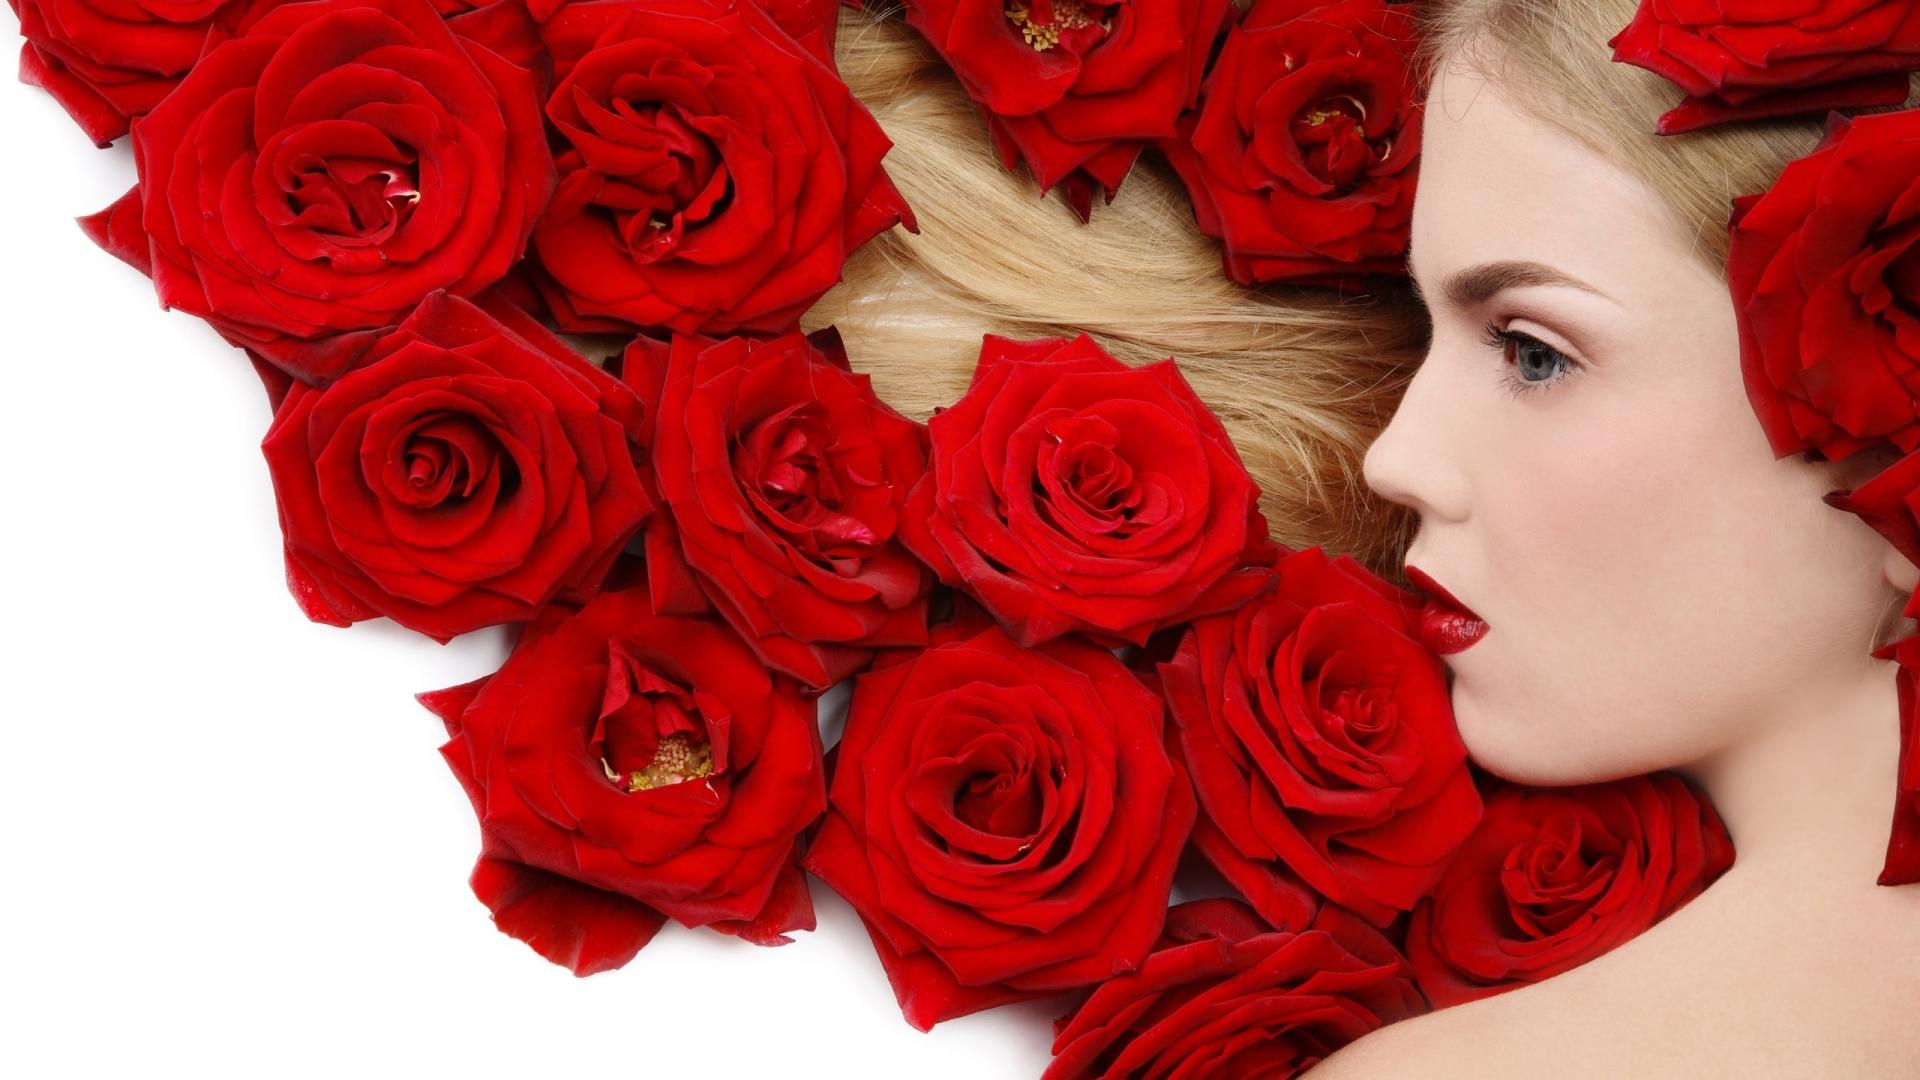 Una rubia y rosas rojas - 1920x1080